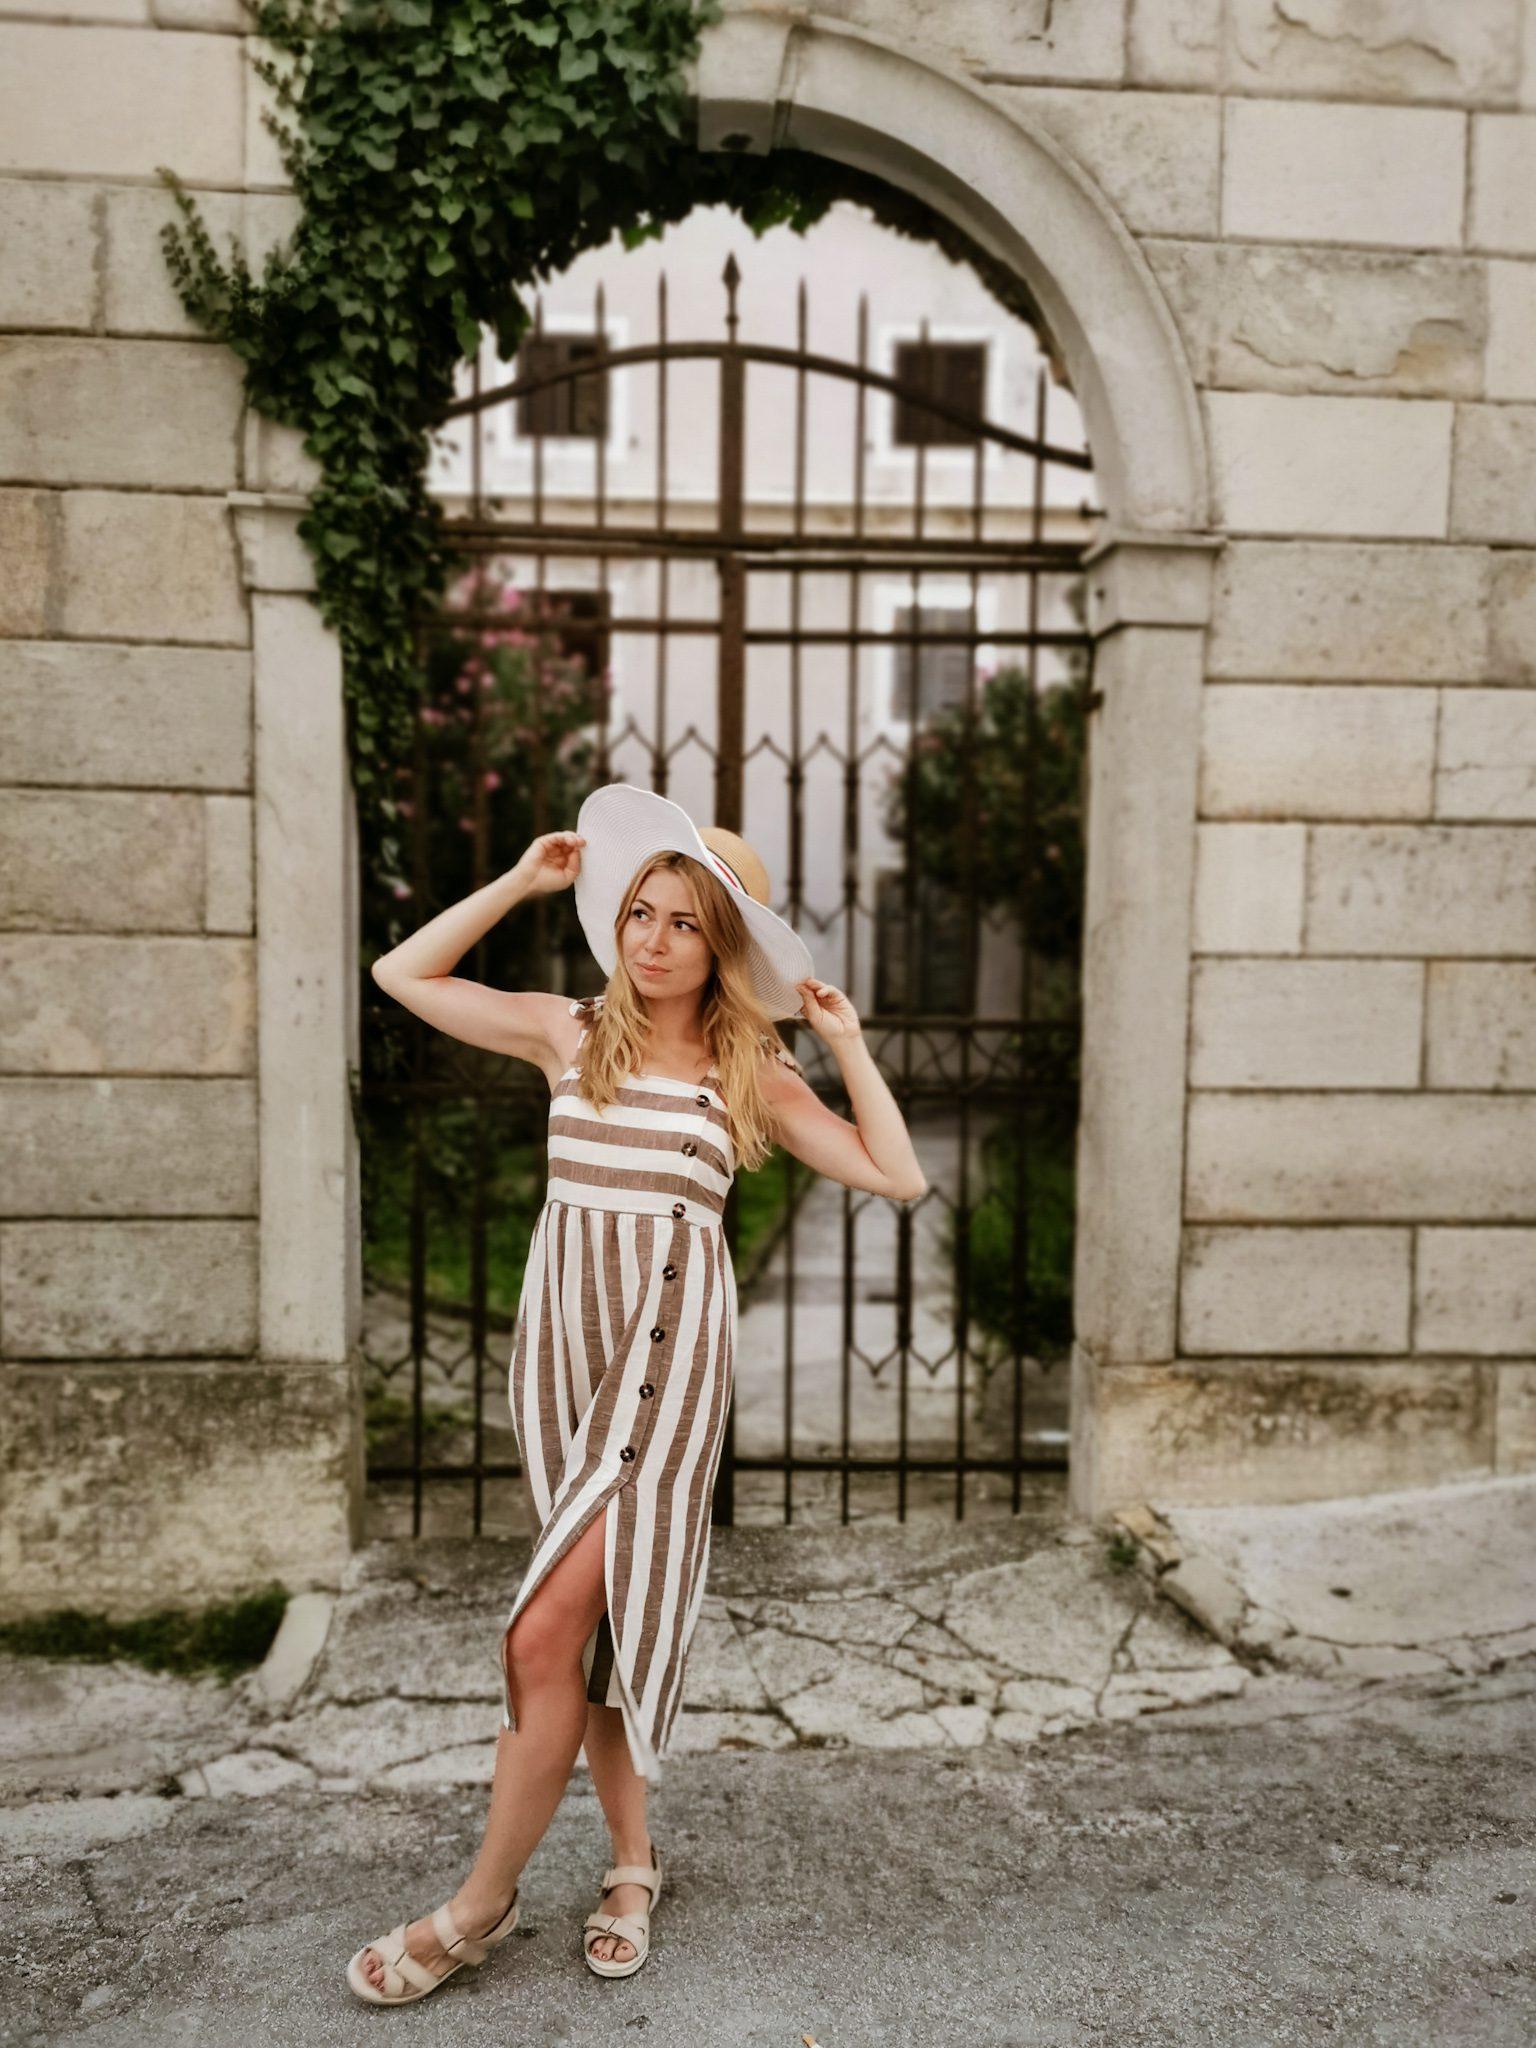 Słowenia na urlop - co trzeba wiedzieć